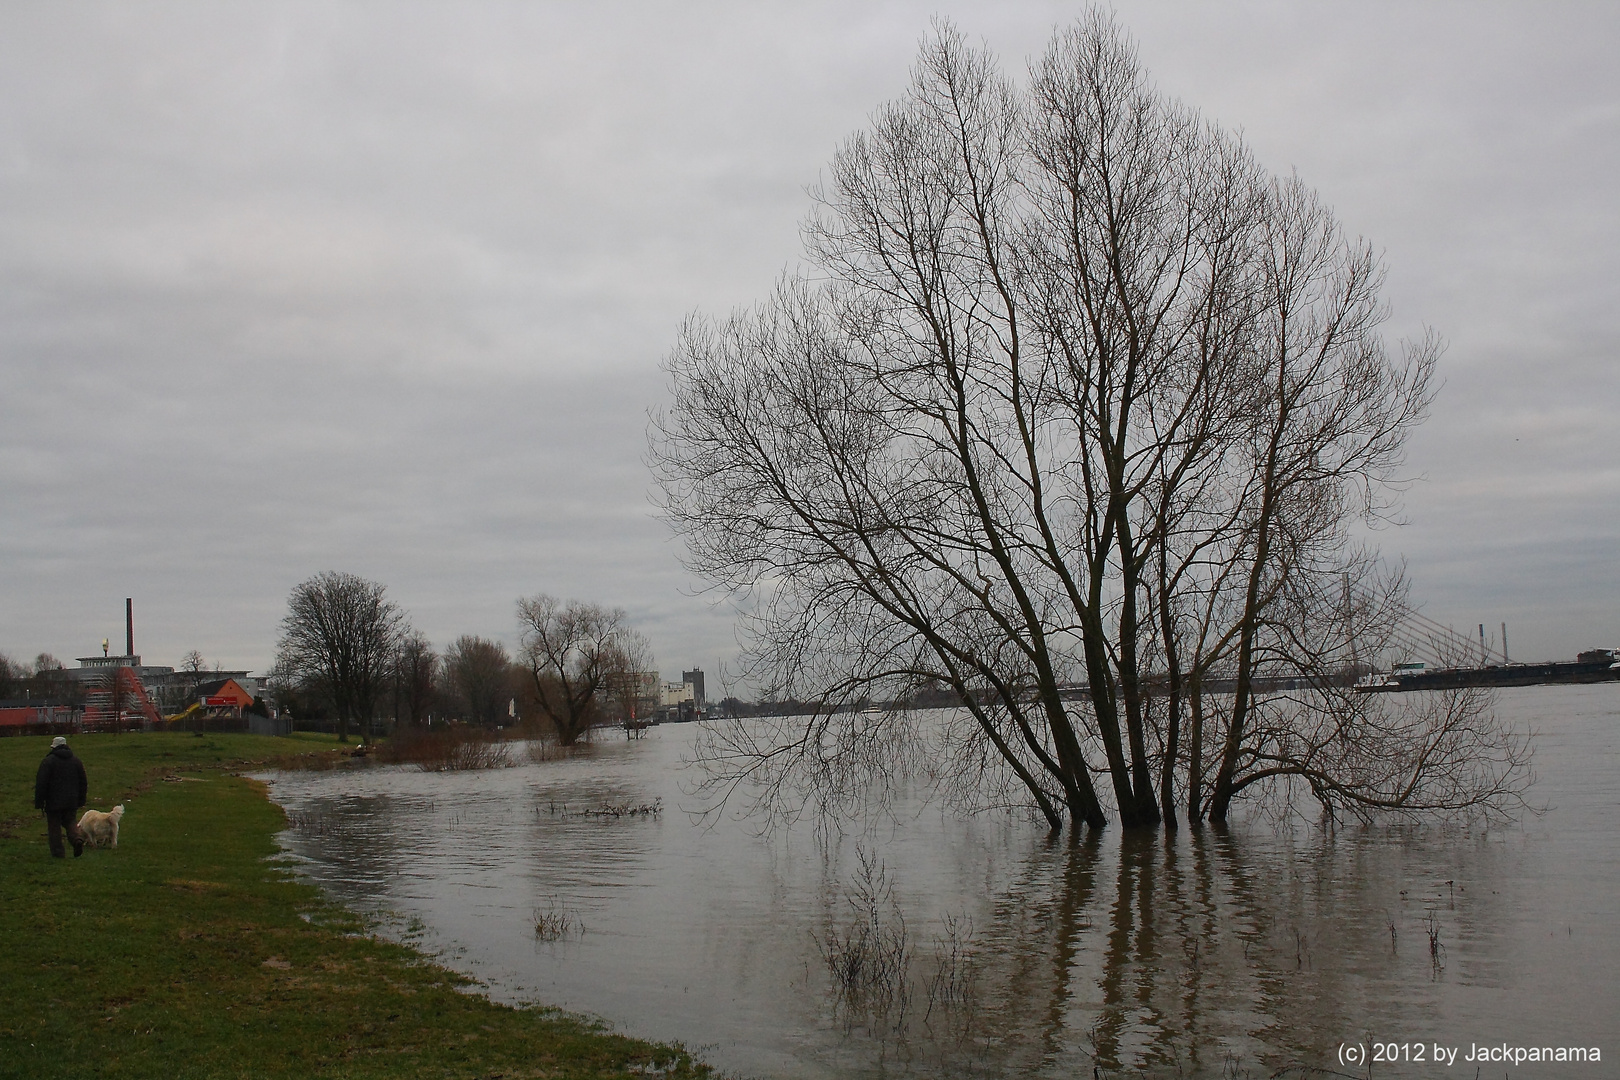 Massive Überschwemmung der Wiese am Städt. Rheinbad in Wesel